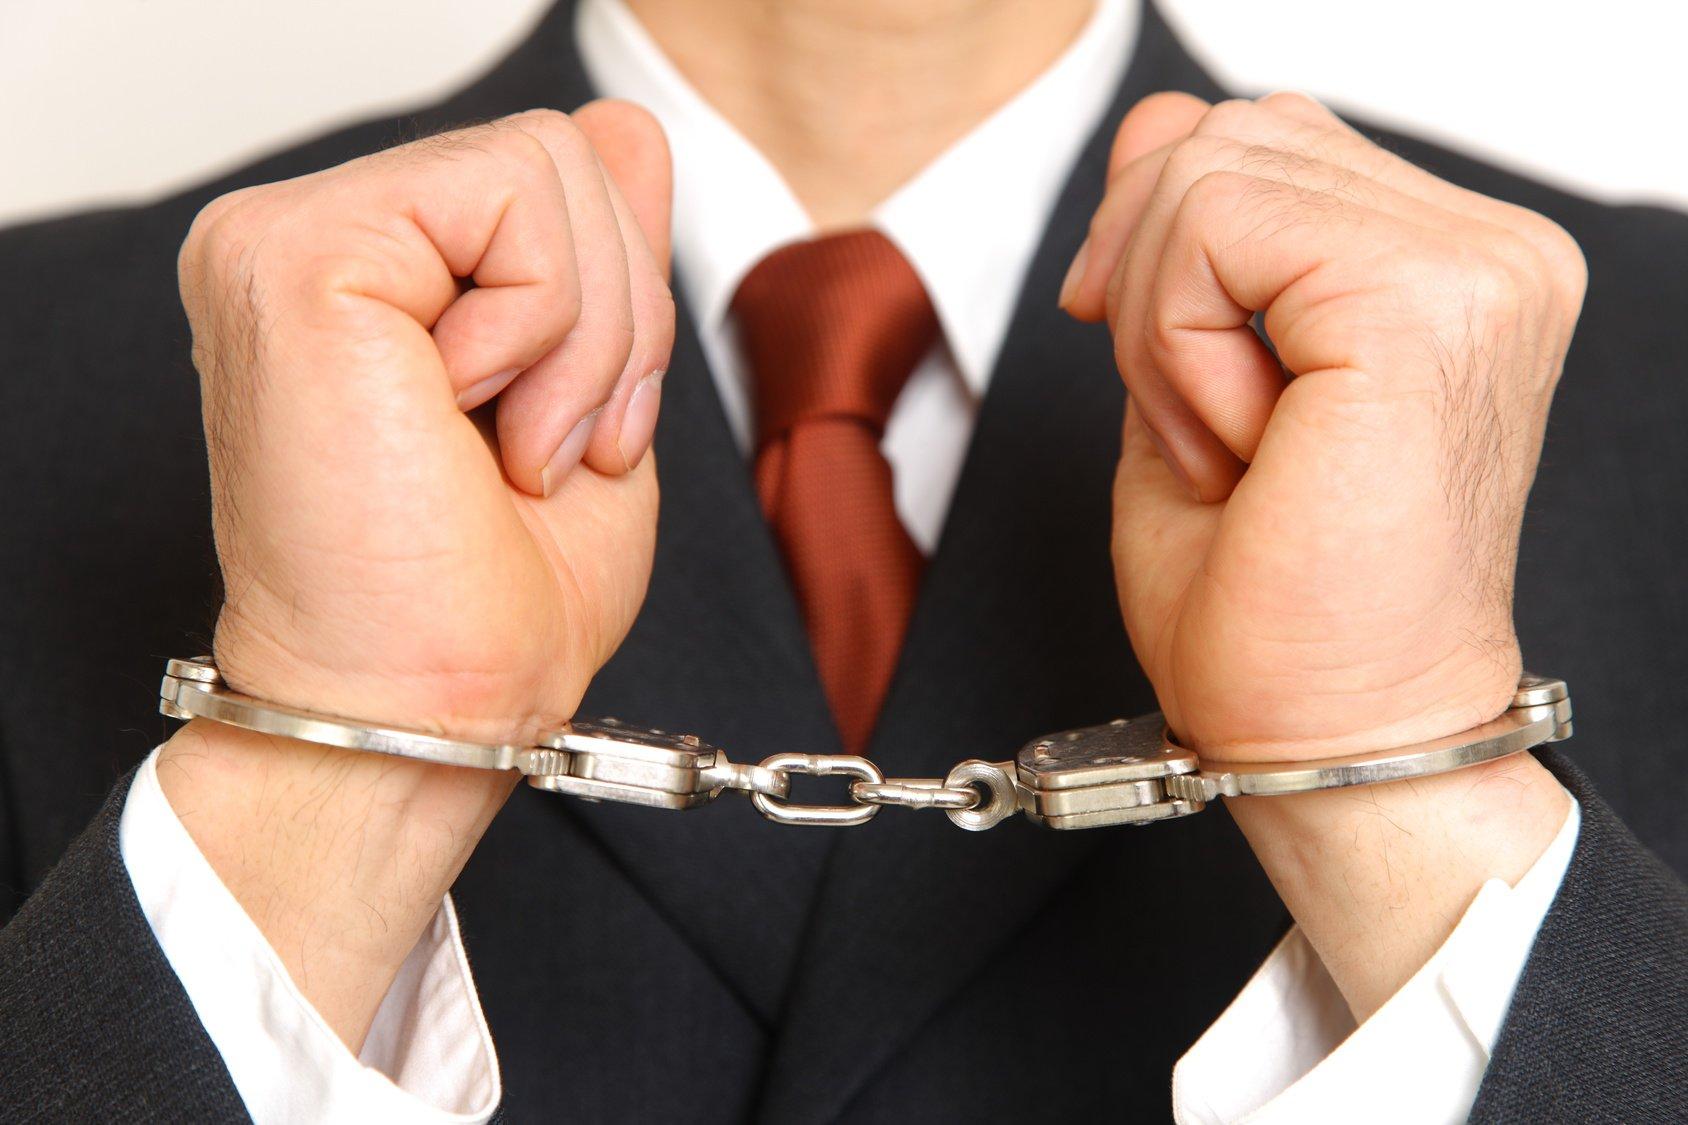 Estafa-OneCoin-20-arrestos-fraude-Mumbai